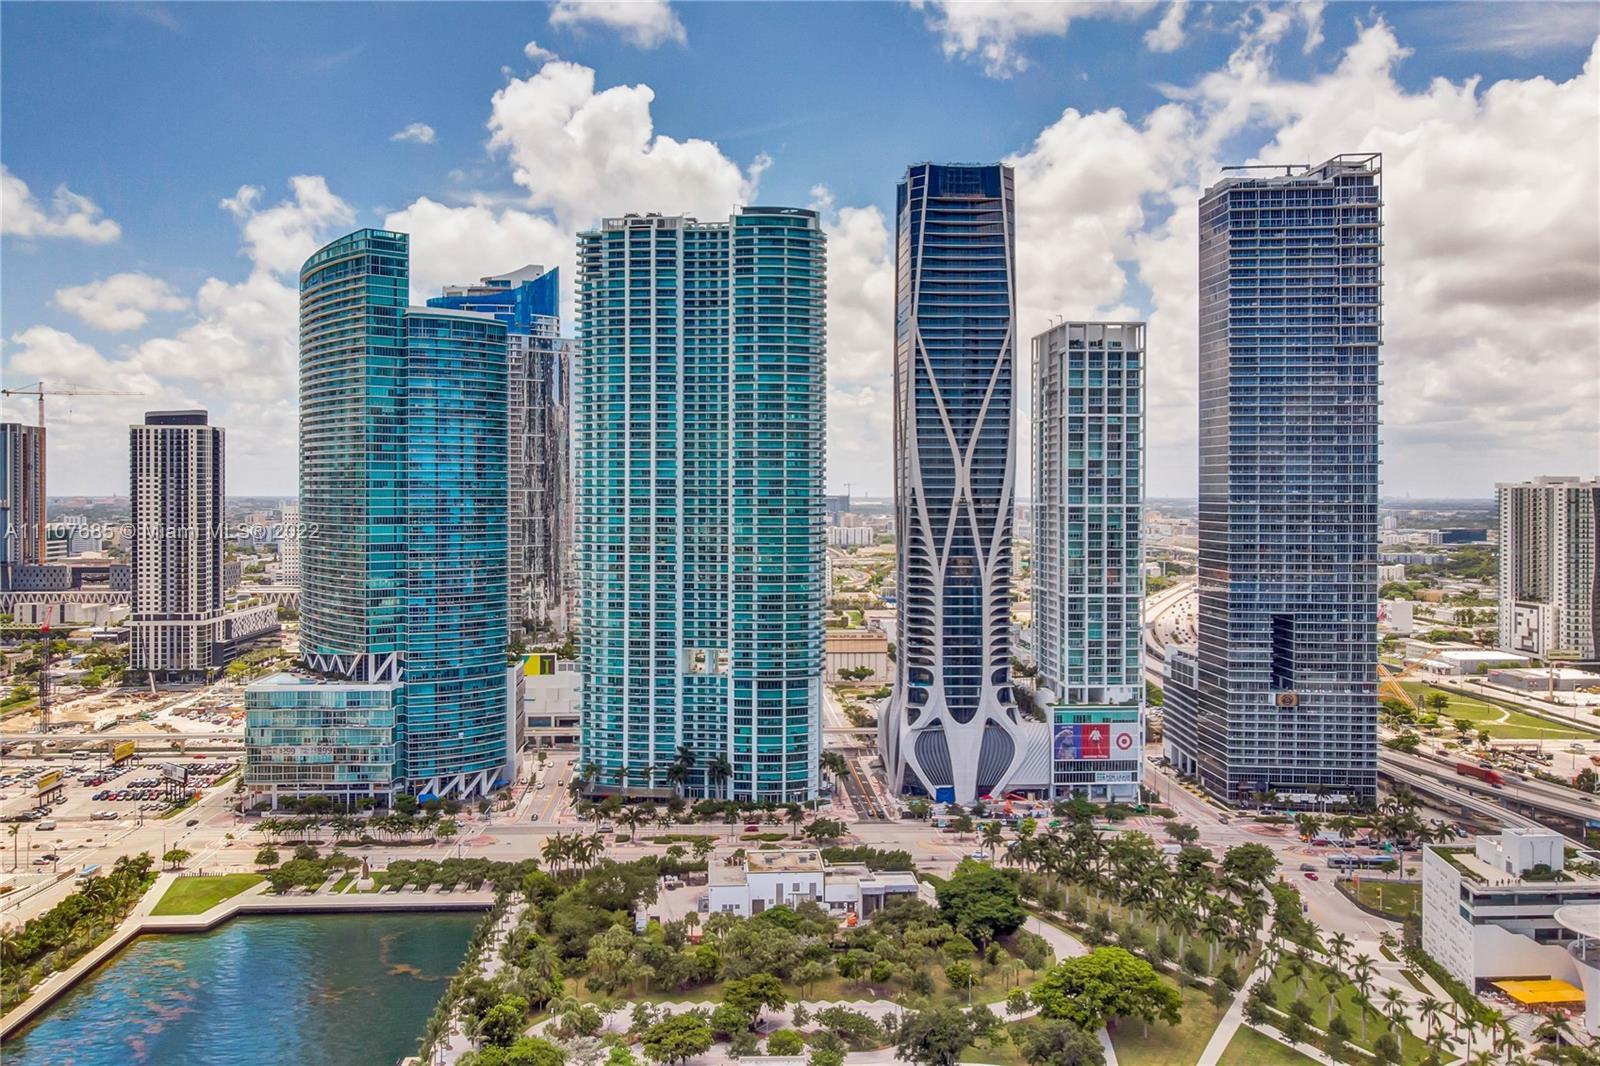 900 Biscayne Bay #2206 - 900 Biscayne Blvd #2206, Miami, FL 33132